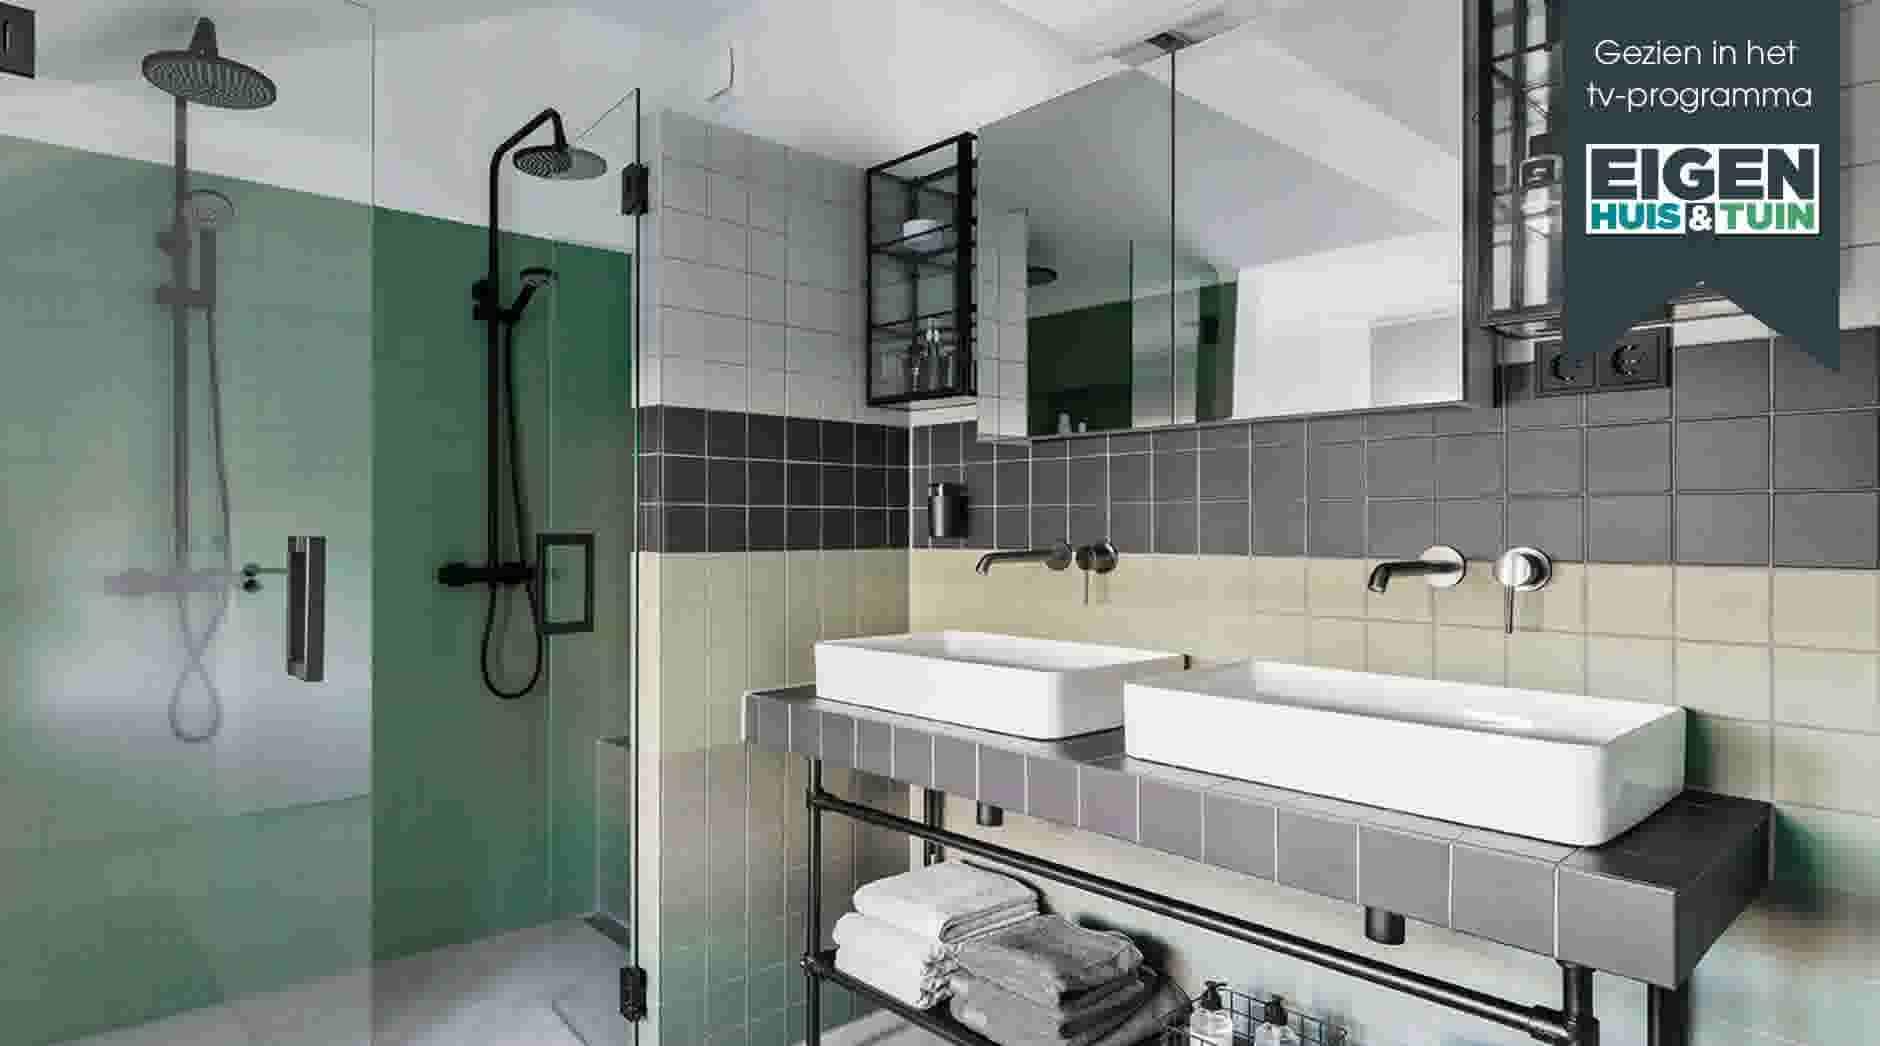 f88a9934dfe Bekijk de make-over uit Eigen Huis & Tuin van de retro badkamer in ...